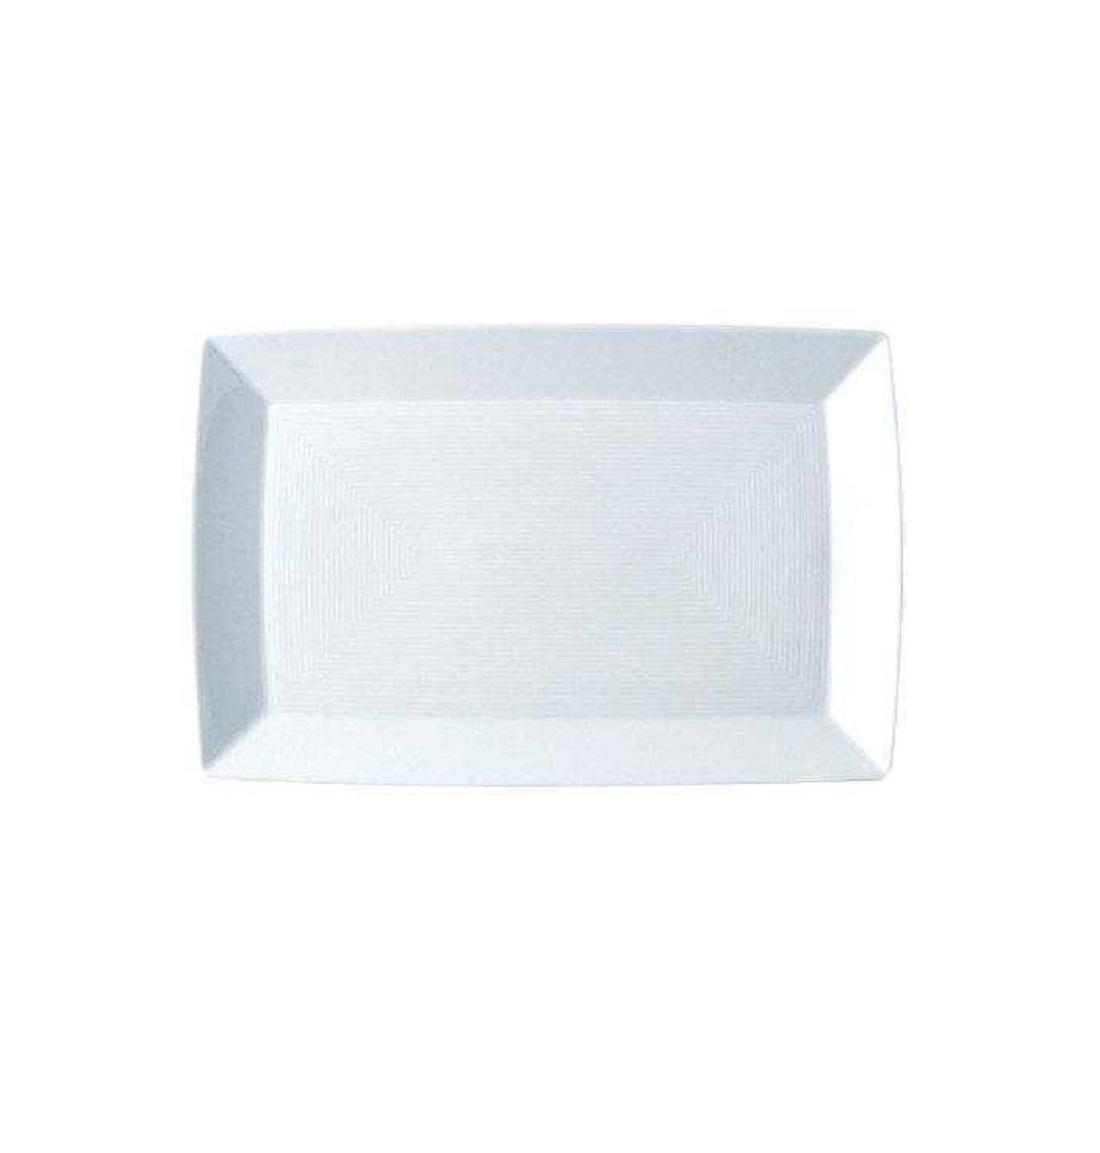 Блюдо фарфоровое Rosenthal LOFT, 28,5х18,5 см, белый купить украина